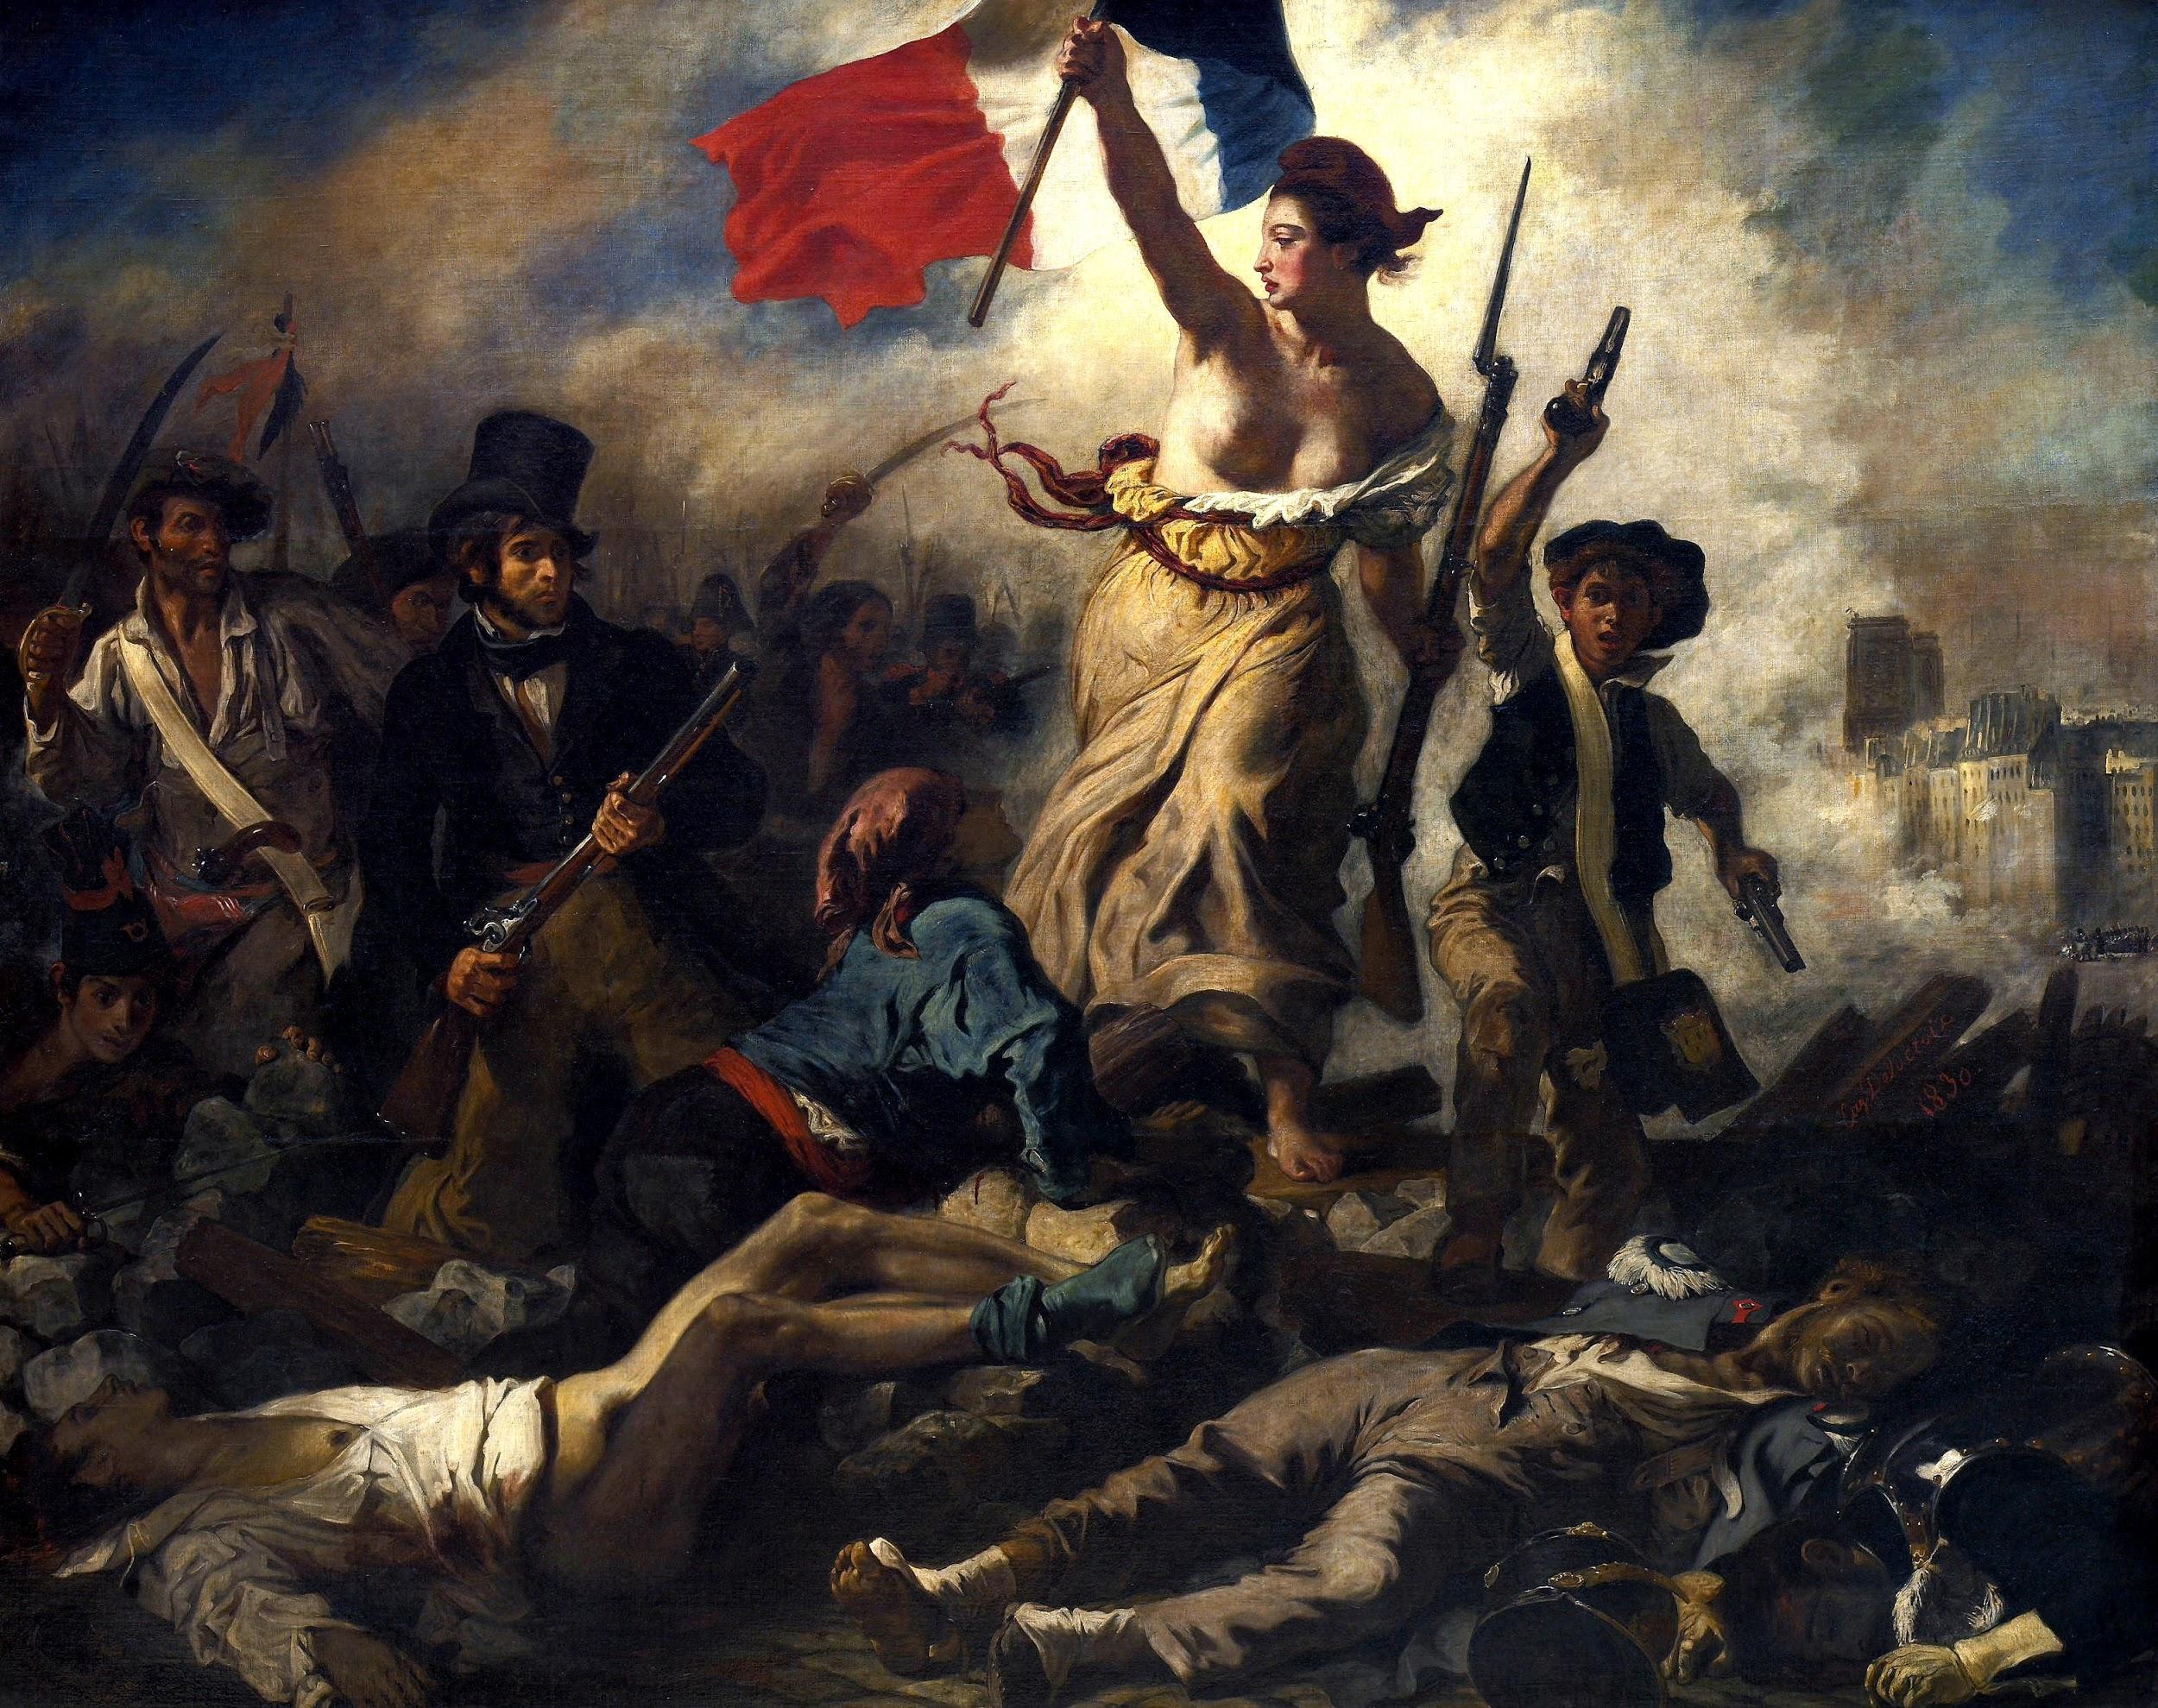 ¿Con qué escuela o movimiento se asocia la pintura?